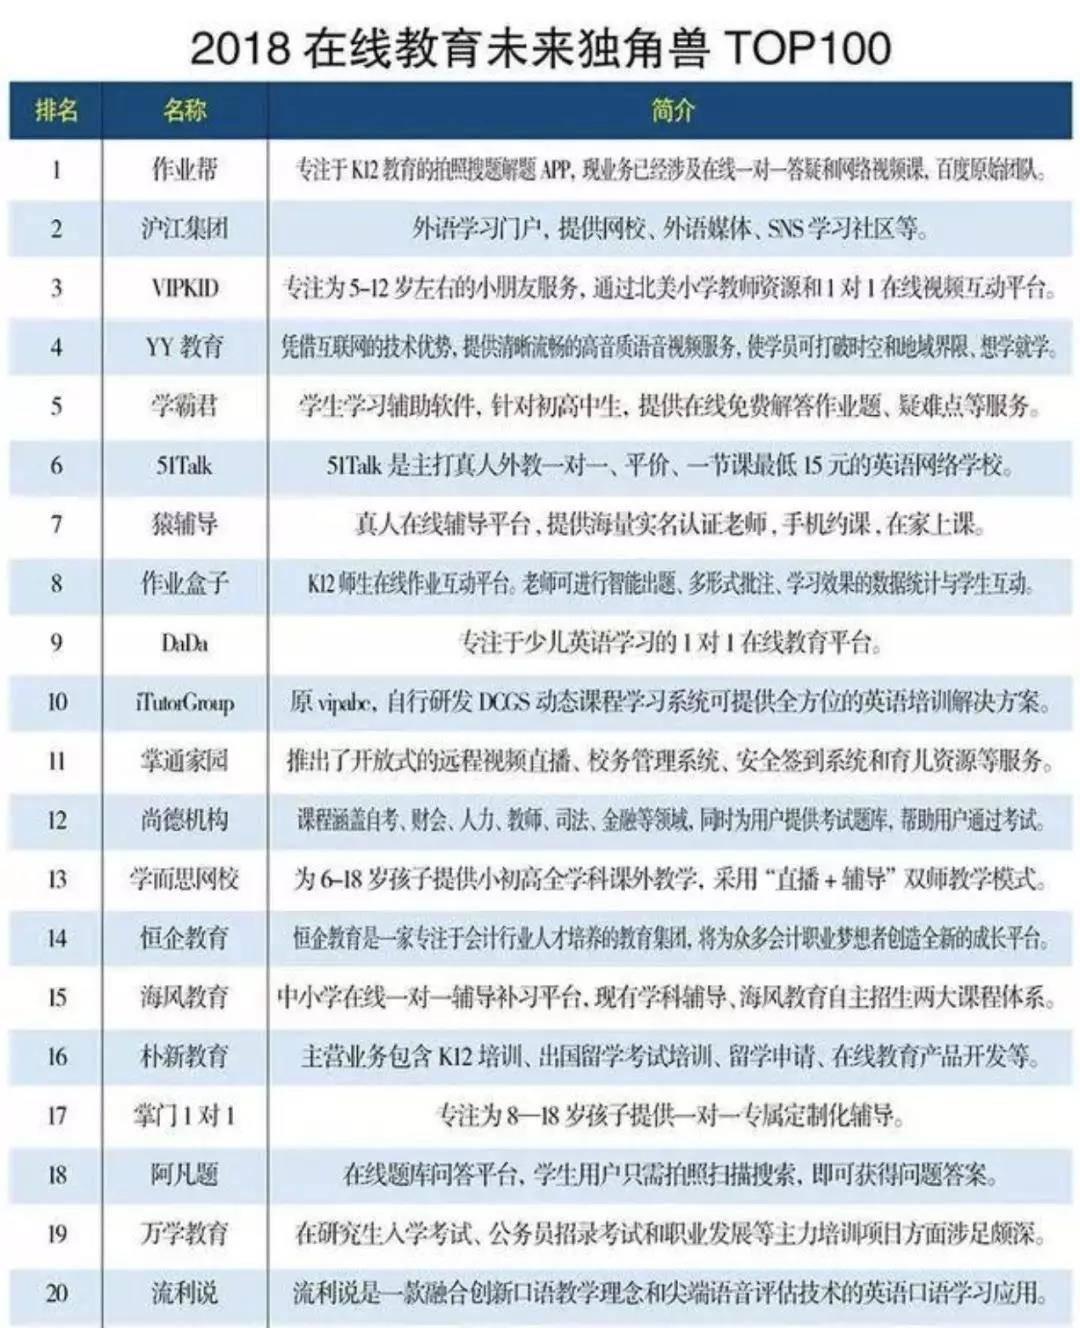 亿欧智库:2018年在线教育未来独角兽TOP100